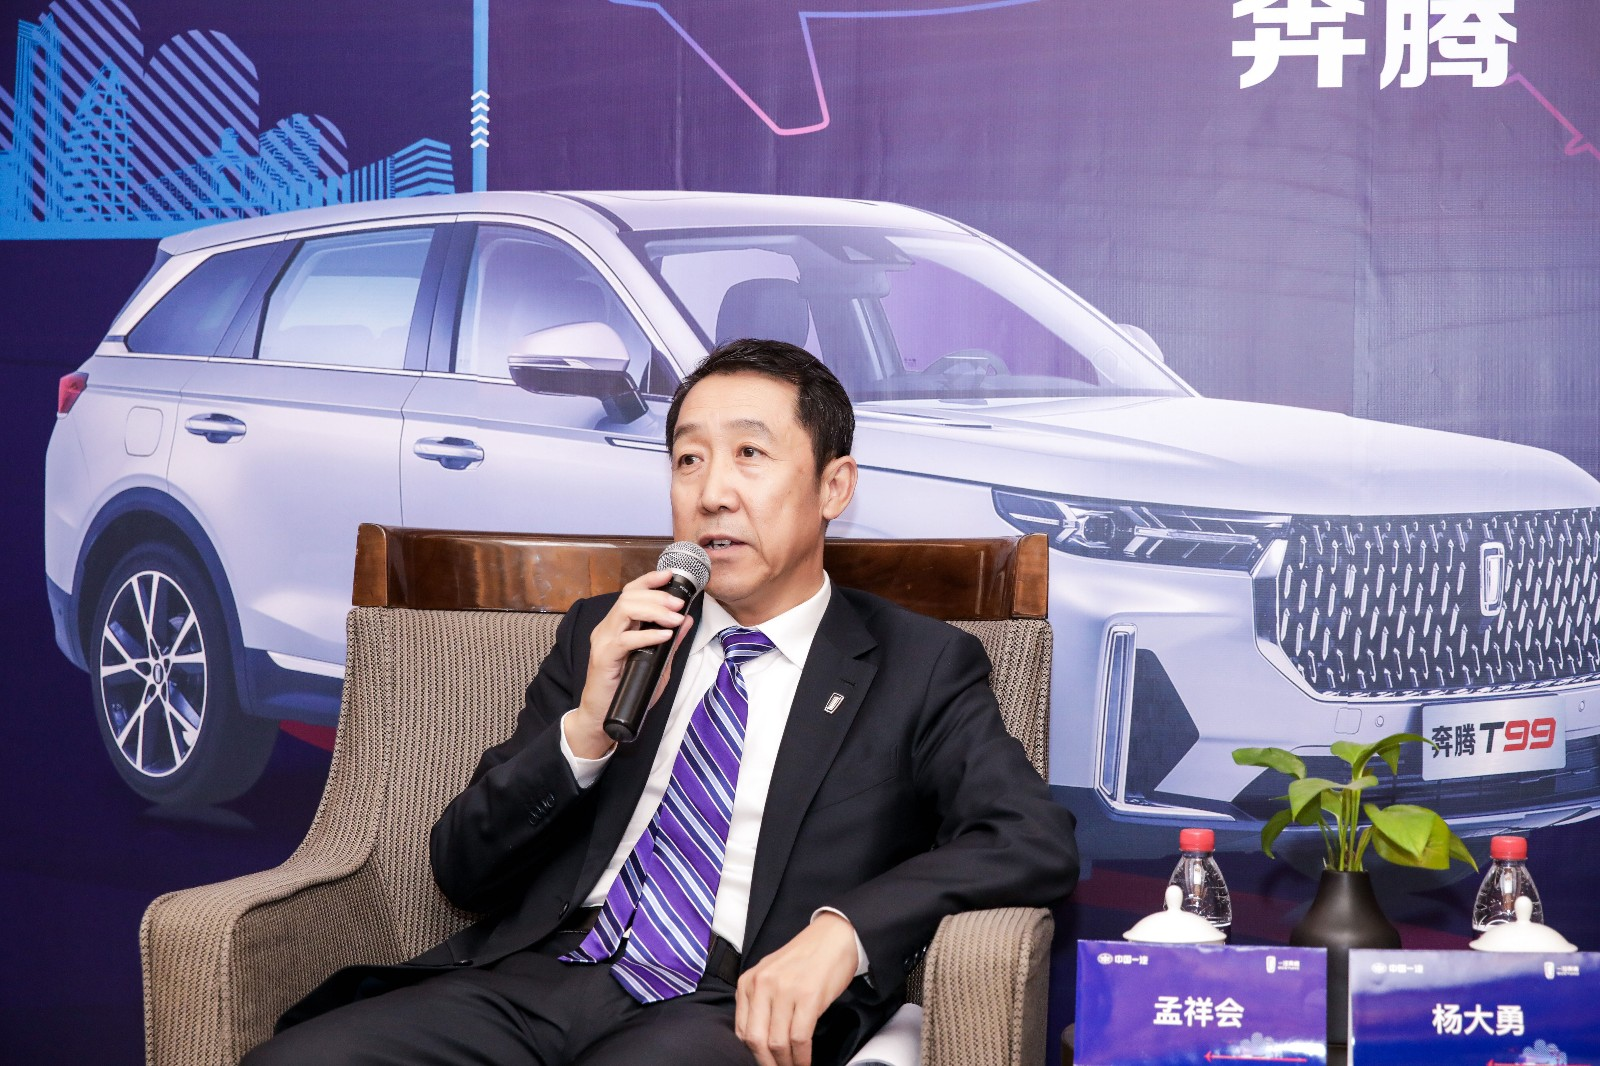 一汽轿车销售有限公司总经理孟祥会